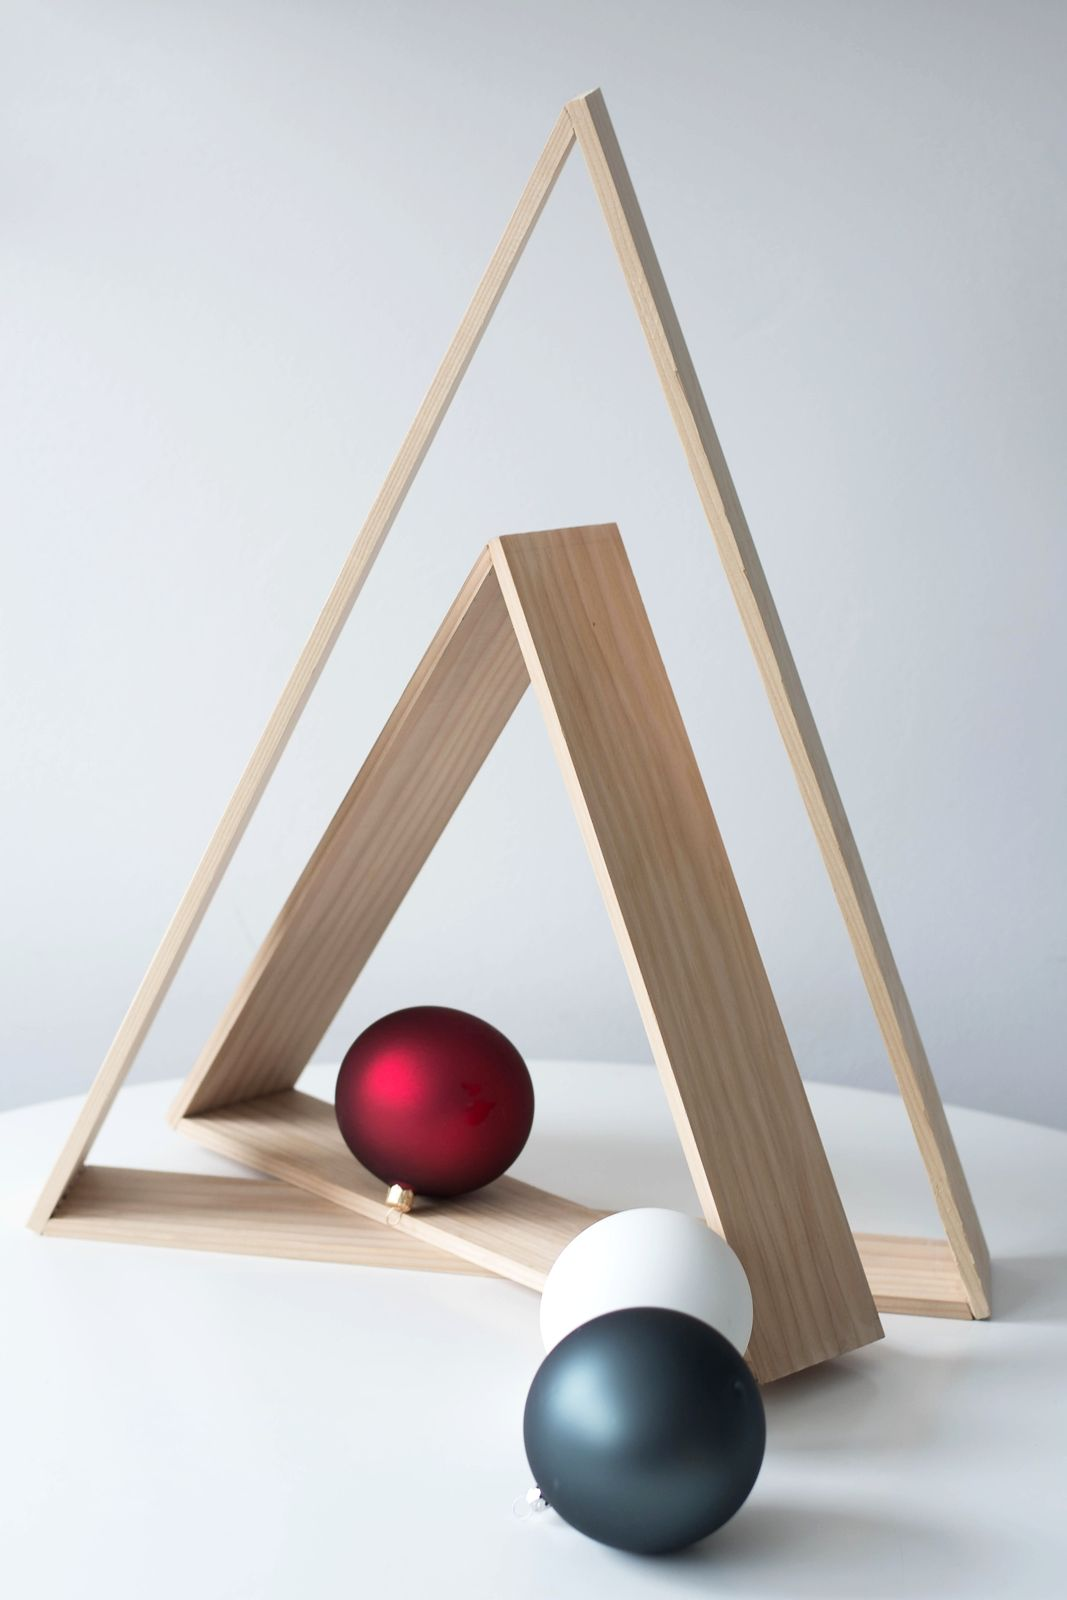 erste weihnachtsdeko ein diy weihnachtsbaum f r minimalisten bastelideen weihnachtsbaum. Black Bedroom Furniture Sets. Home Design Ideas